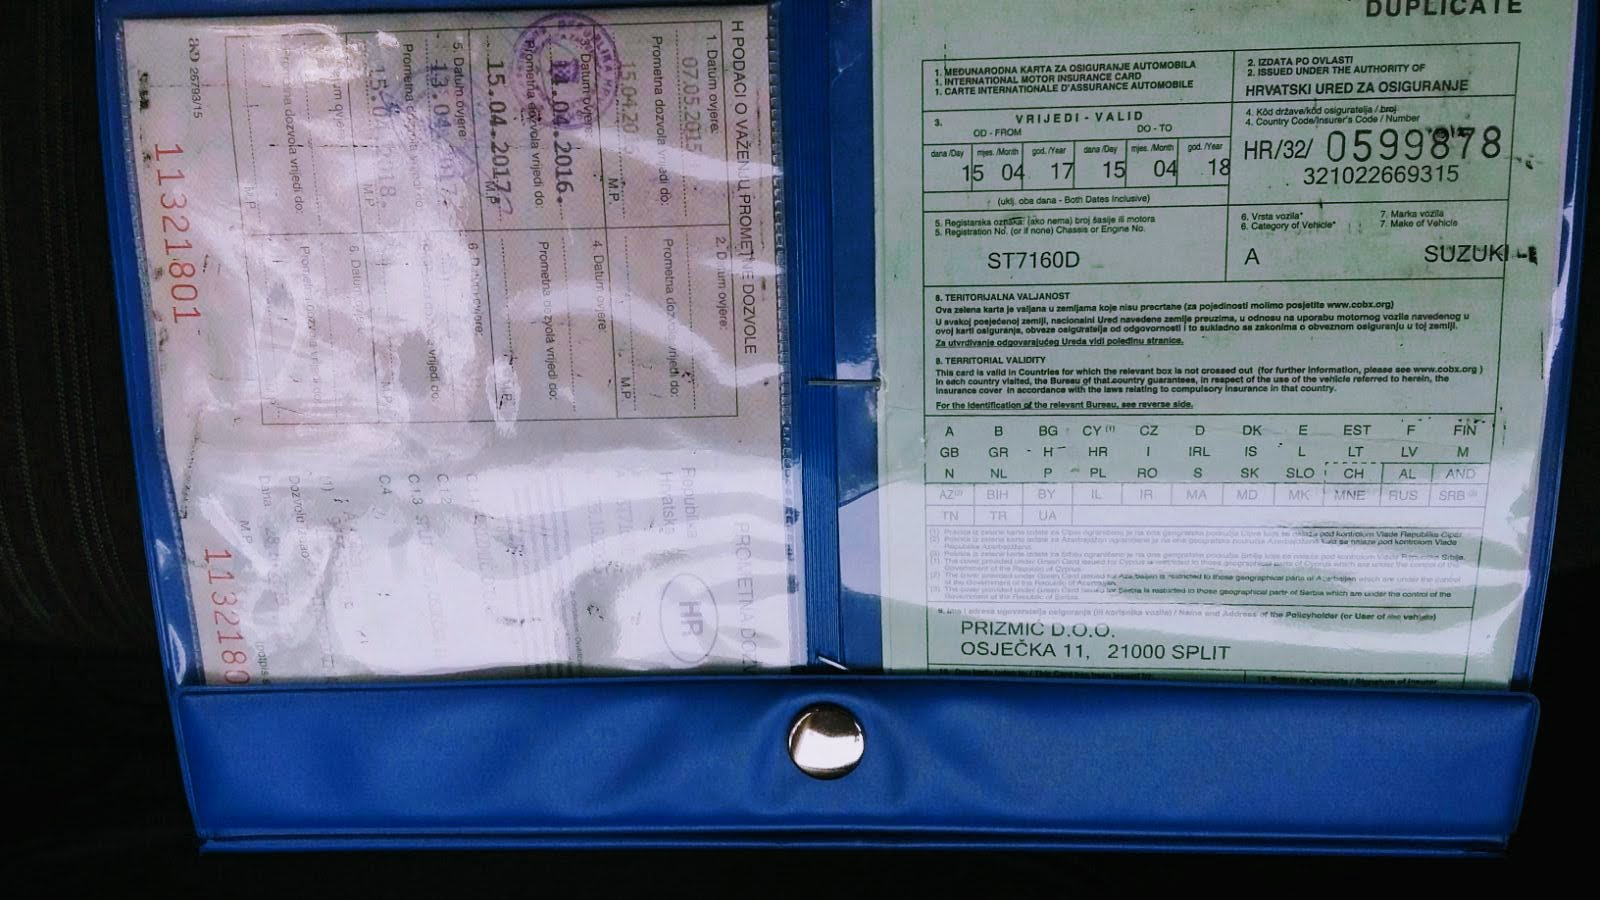 Croatia Car rental - Cross-Border card detail explained